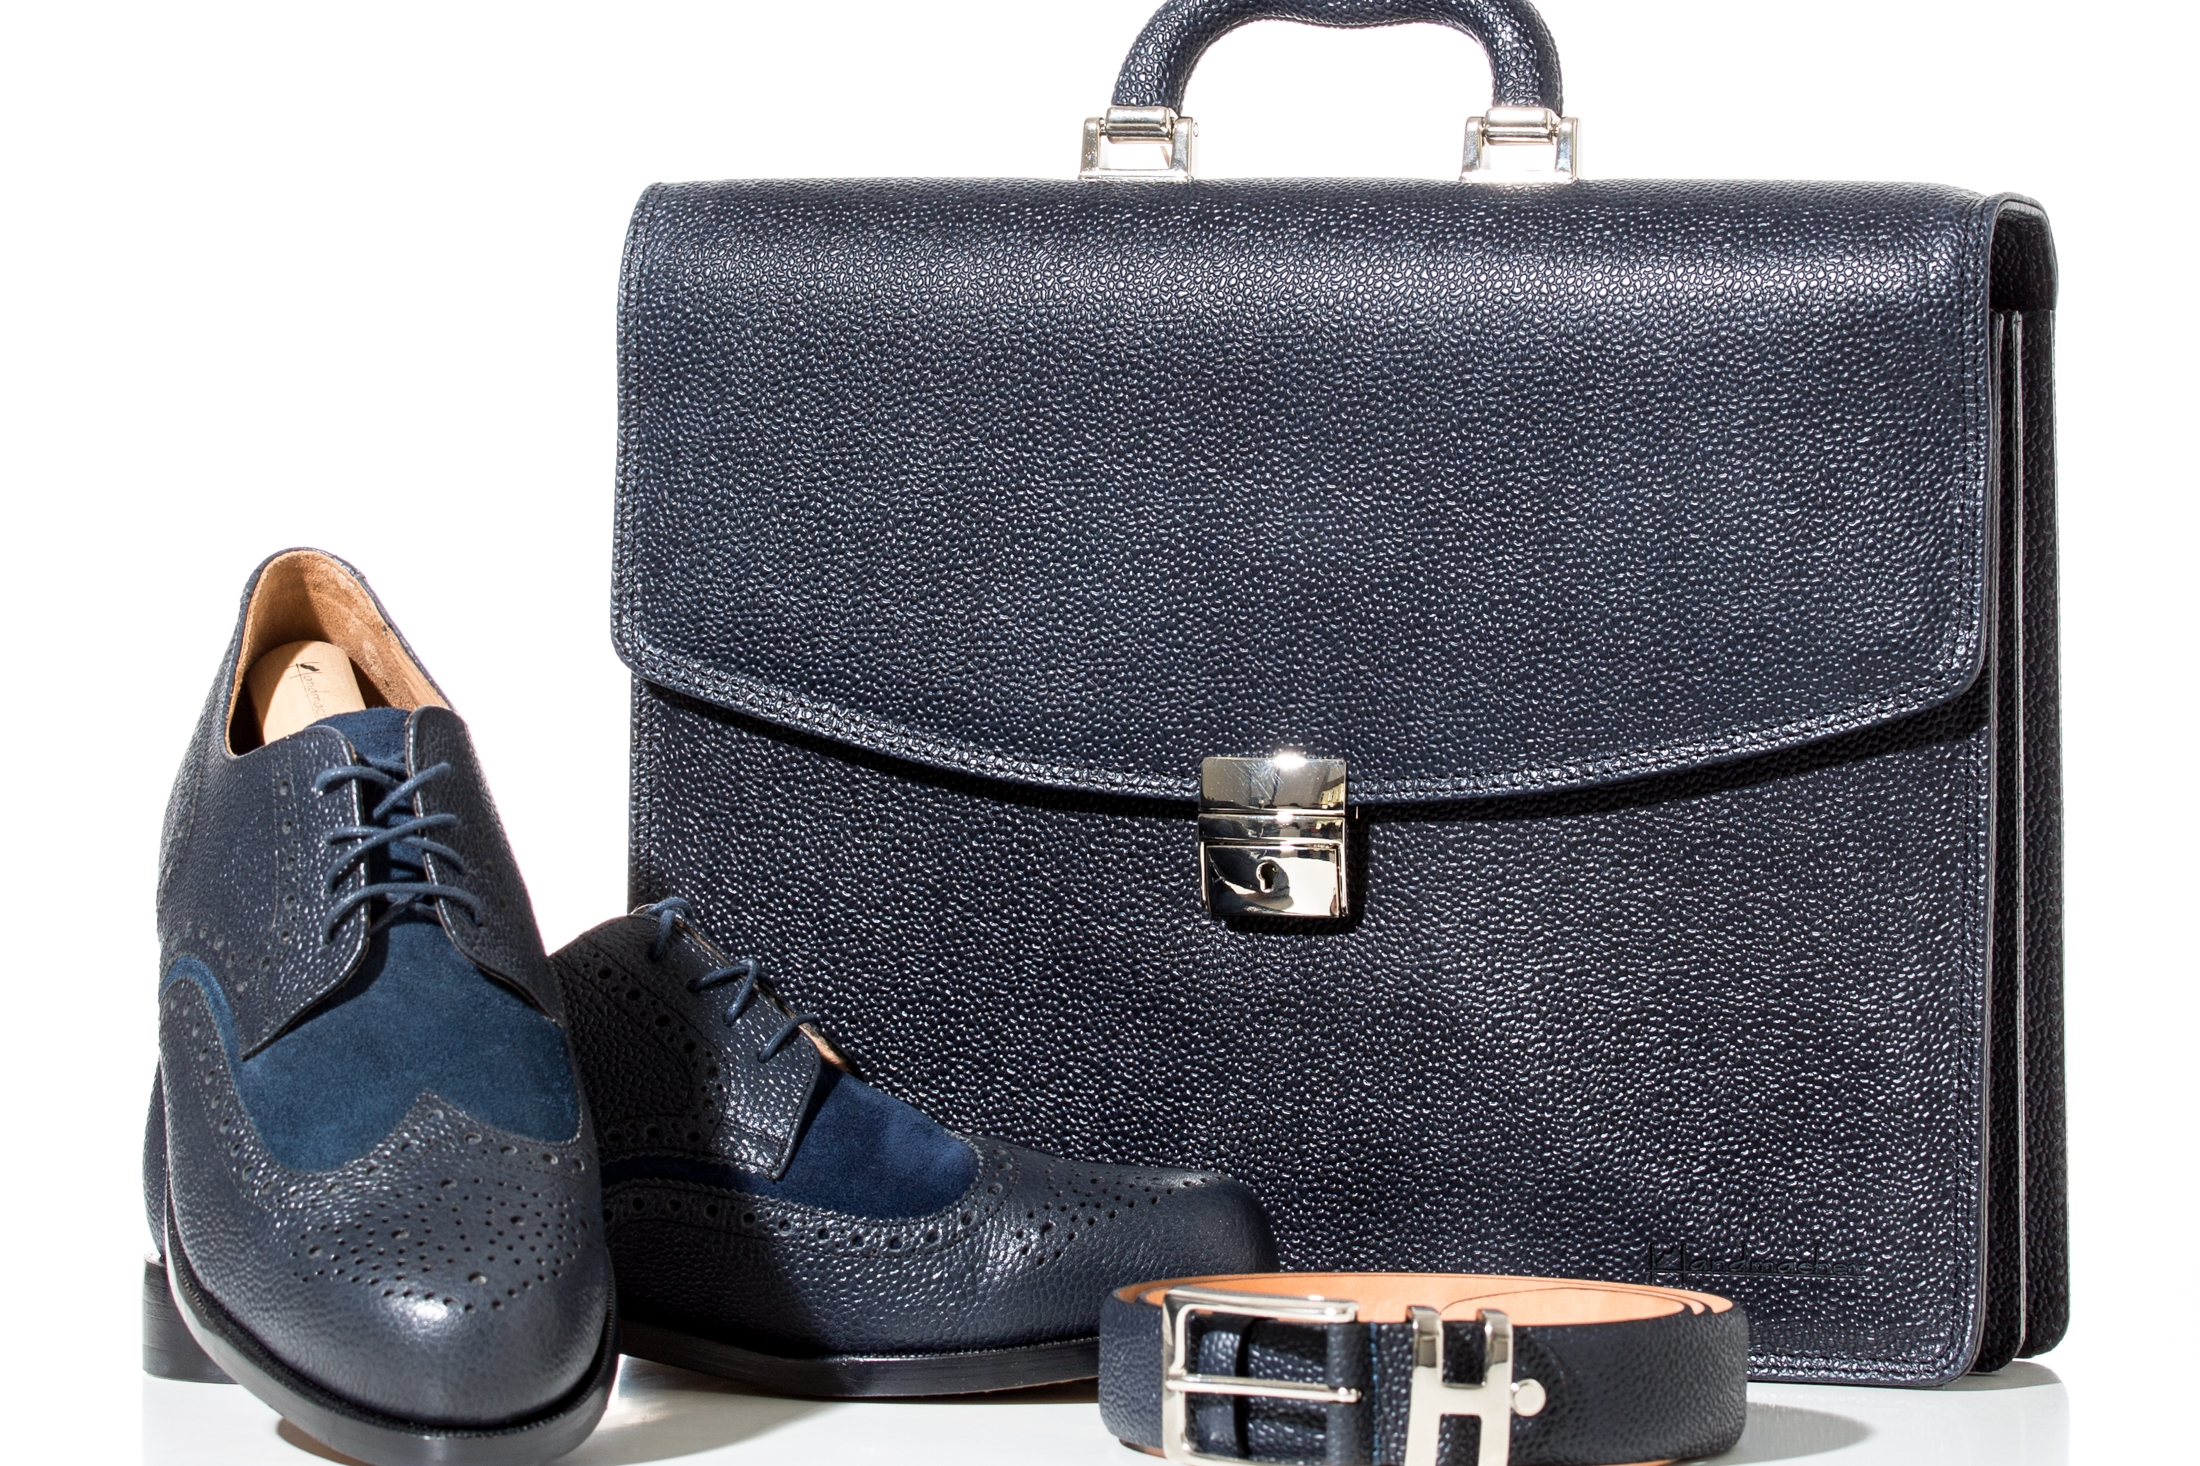 Schuhe & Gürtel - Handgemachte Schuhe, traditionell holzgenagelt aus Kalbleder. Gürtel und Aktentasche im Schuhleder kombinierbar.